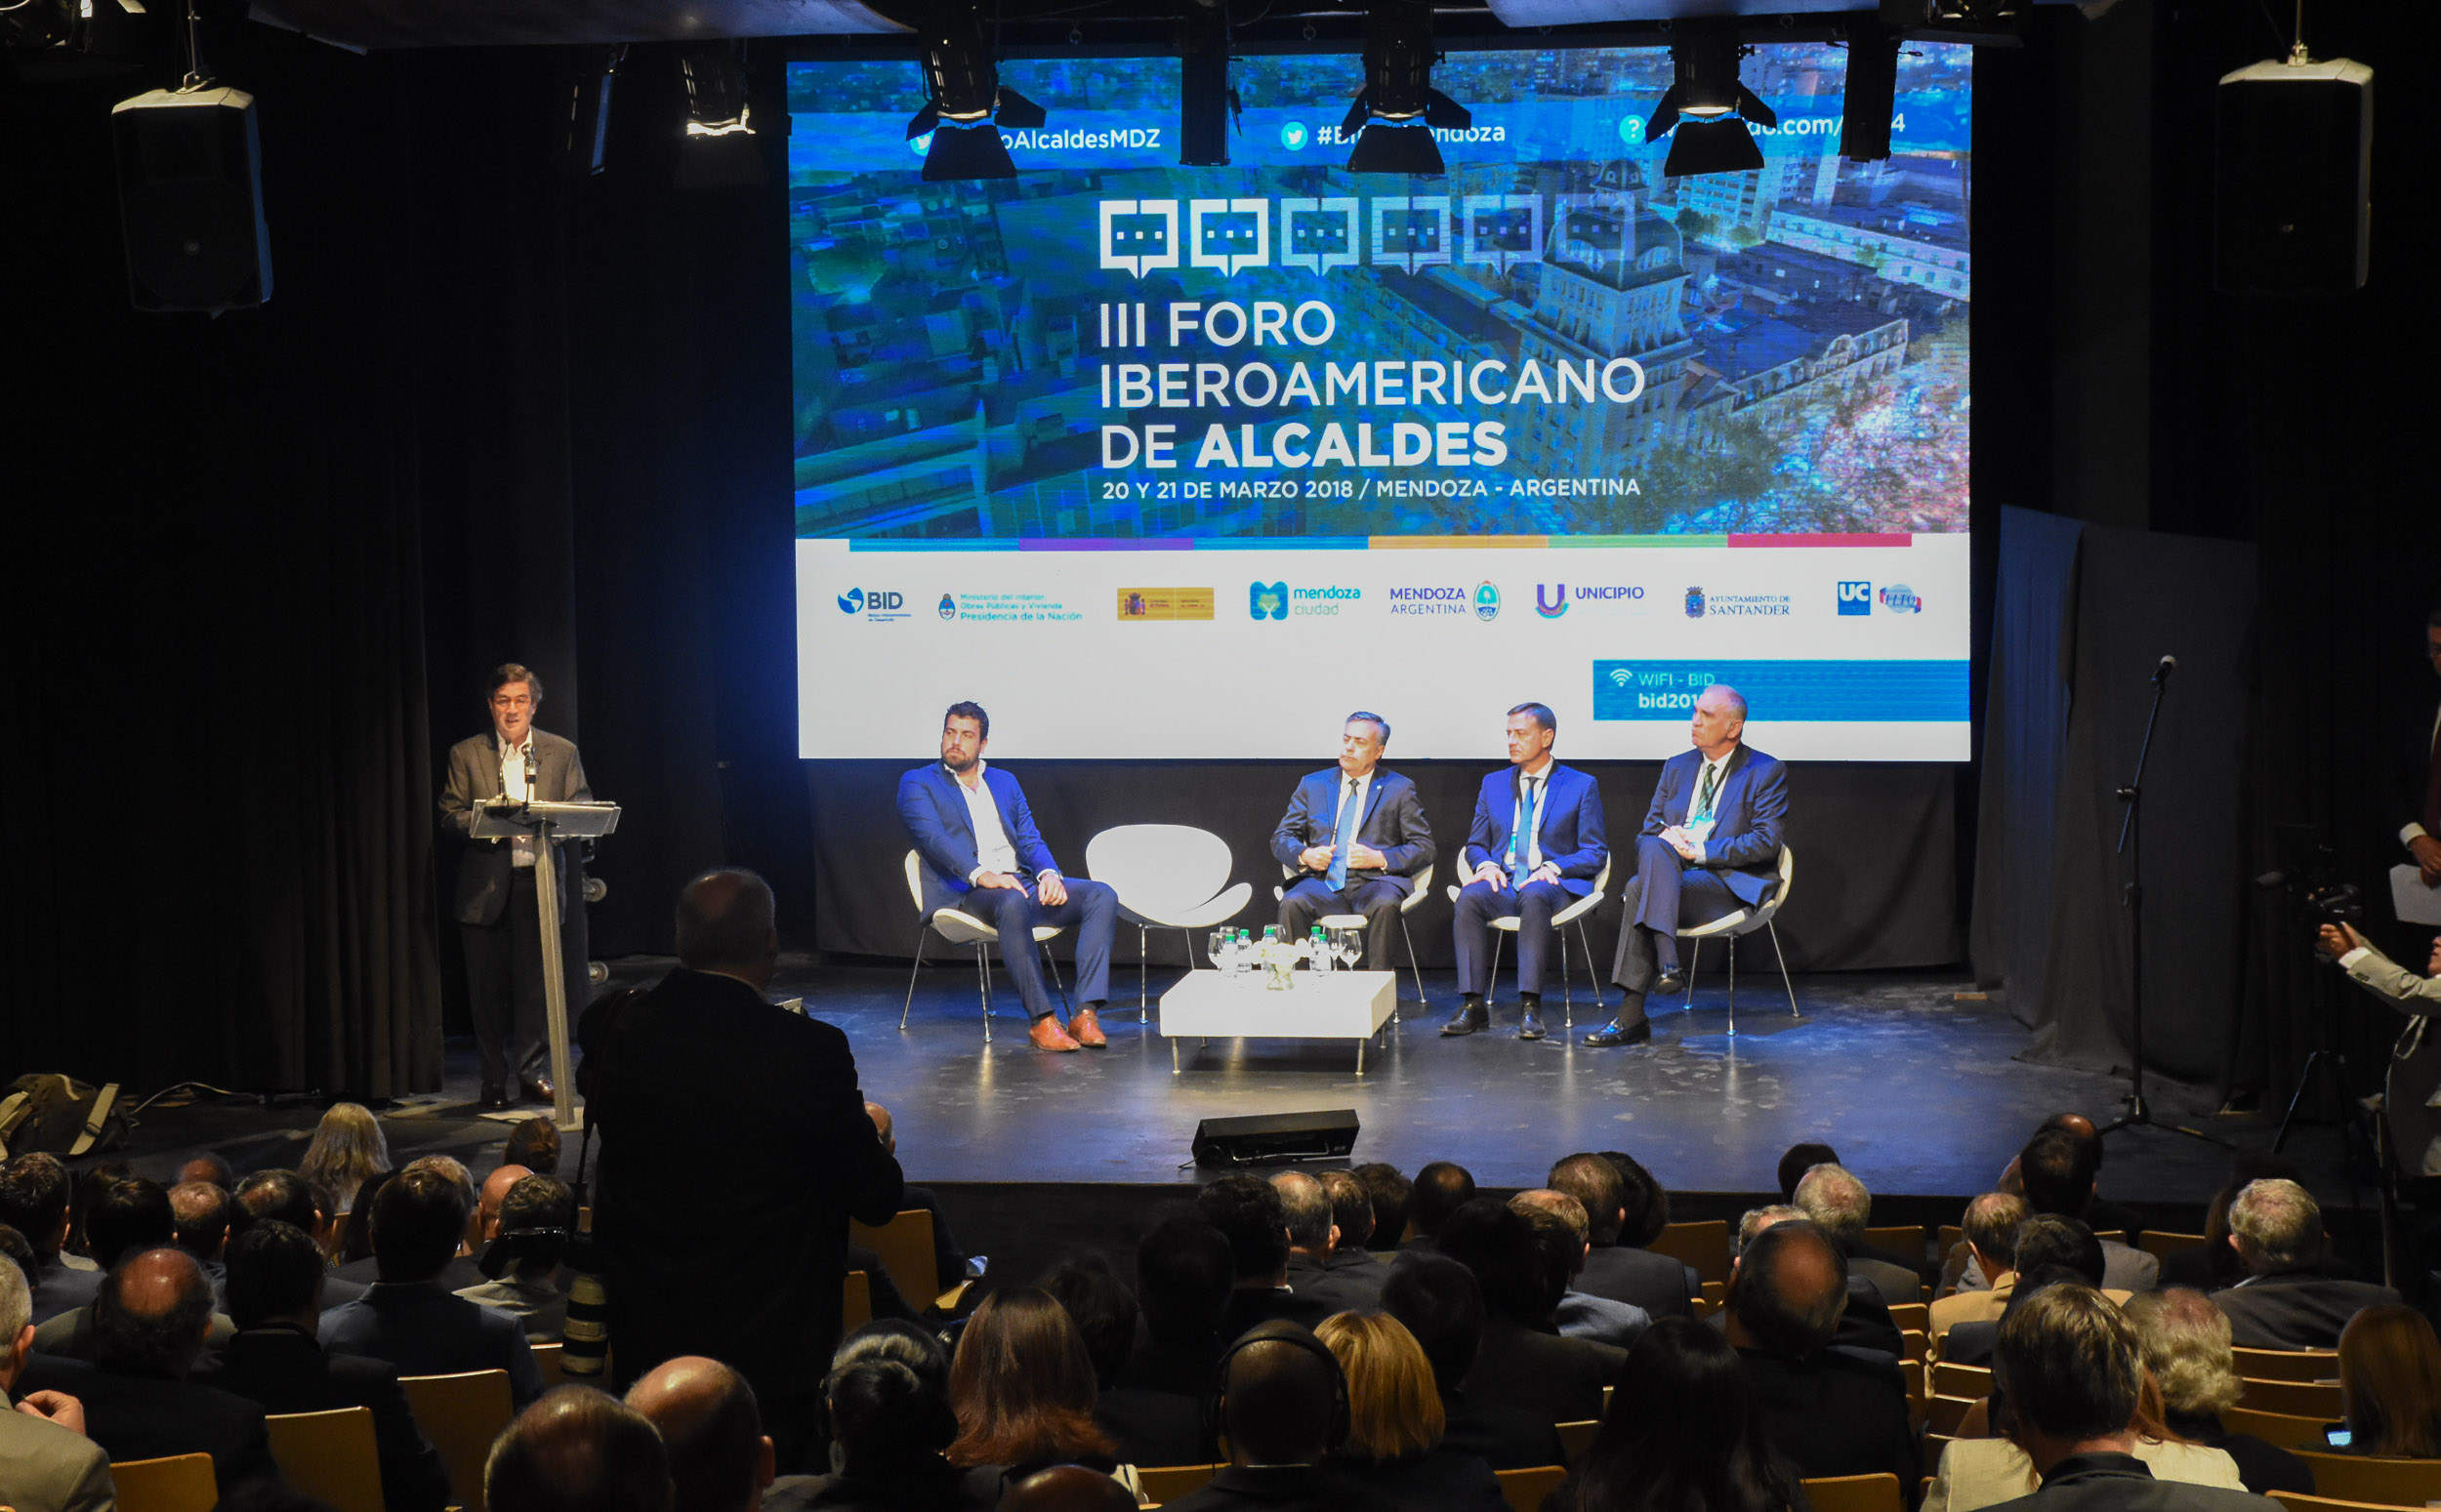 Mendoza recibió el III Foro Iberoamericano de Alcaldes del BID